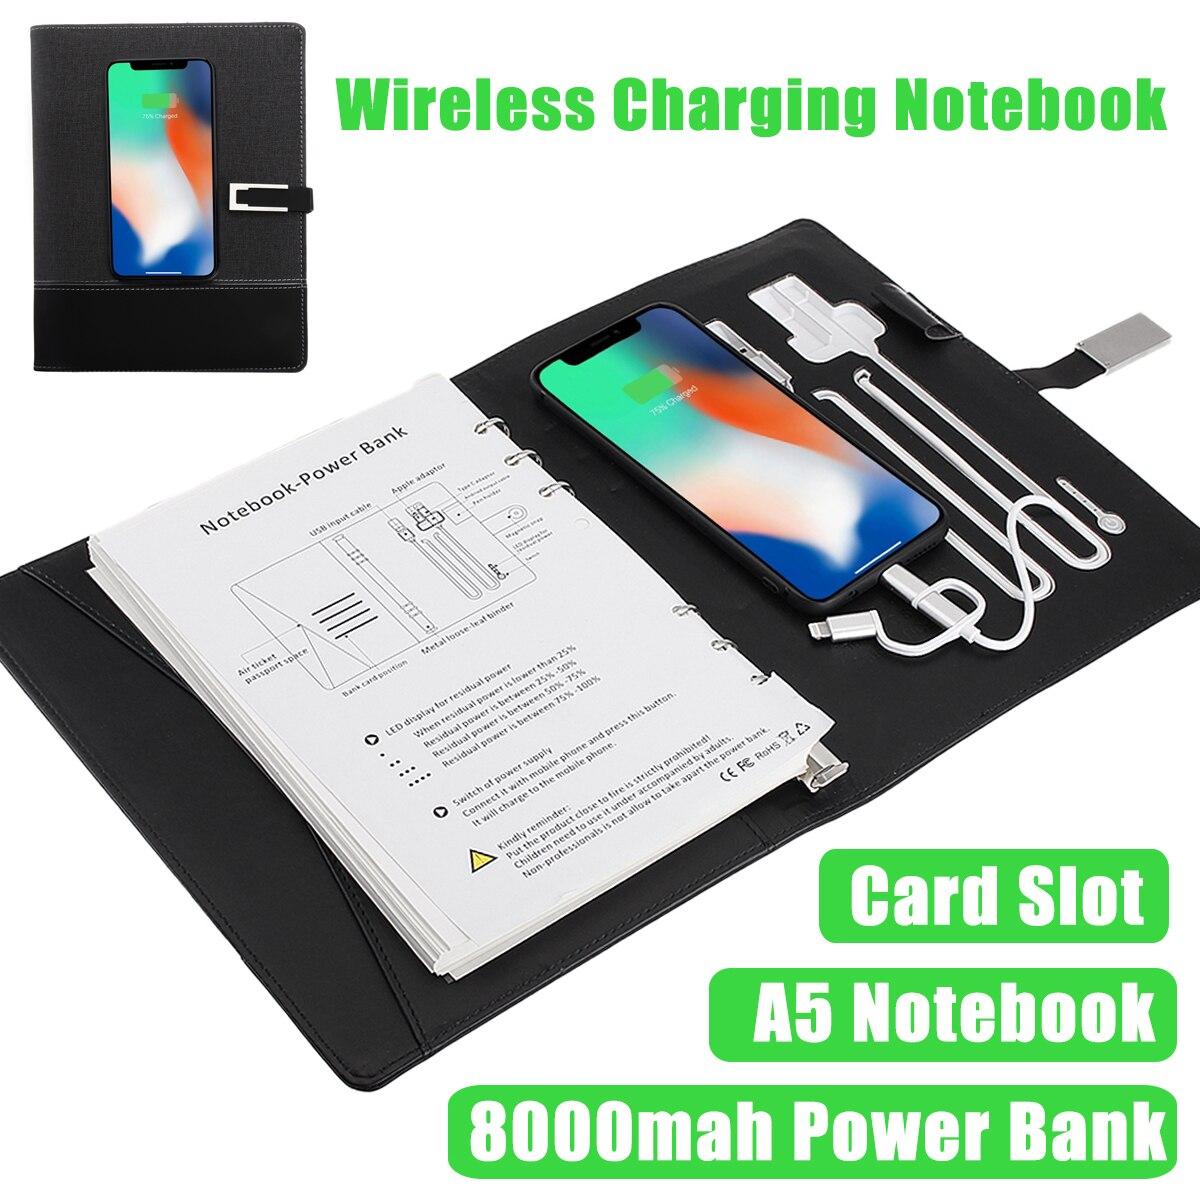 Banco de potencia portátil Multi-funcional portátil con 8000 mAh banco de potencia de carga inalámbrico Qi nota libro Binder espiral libro diario